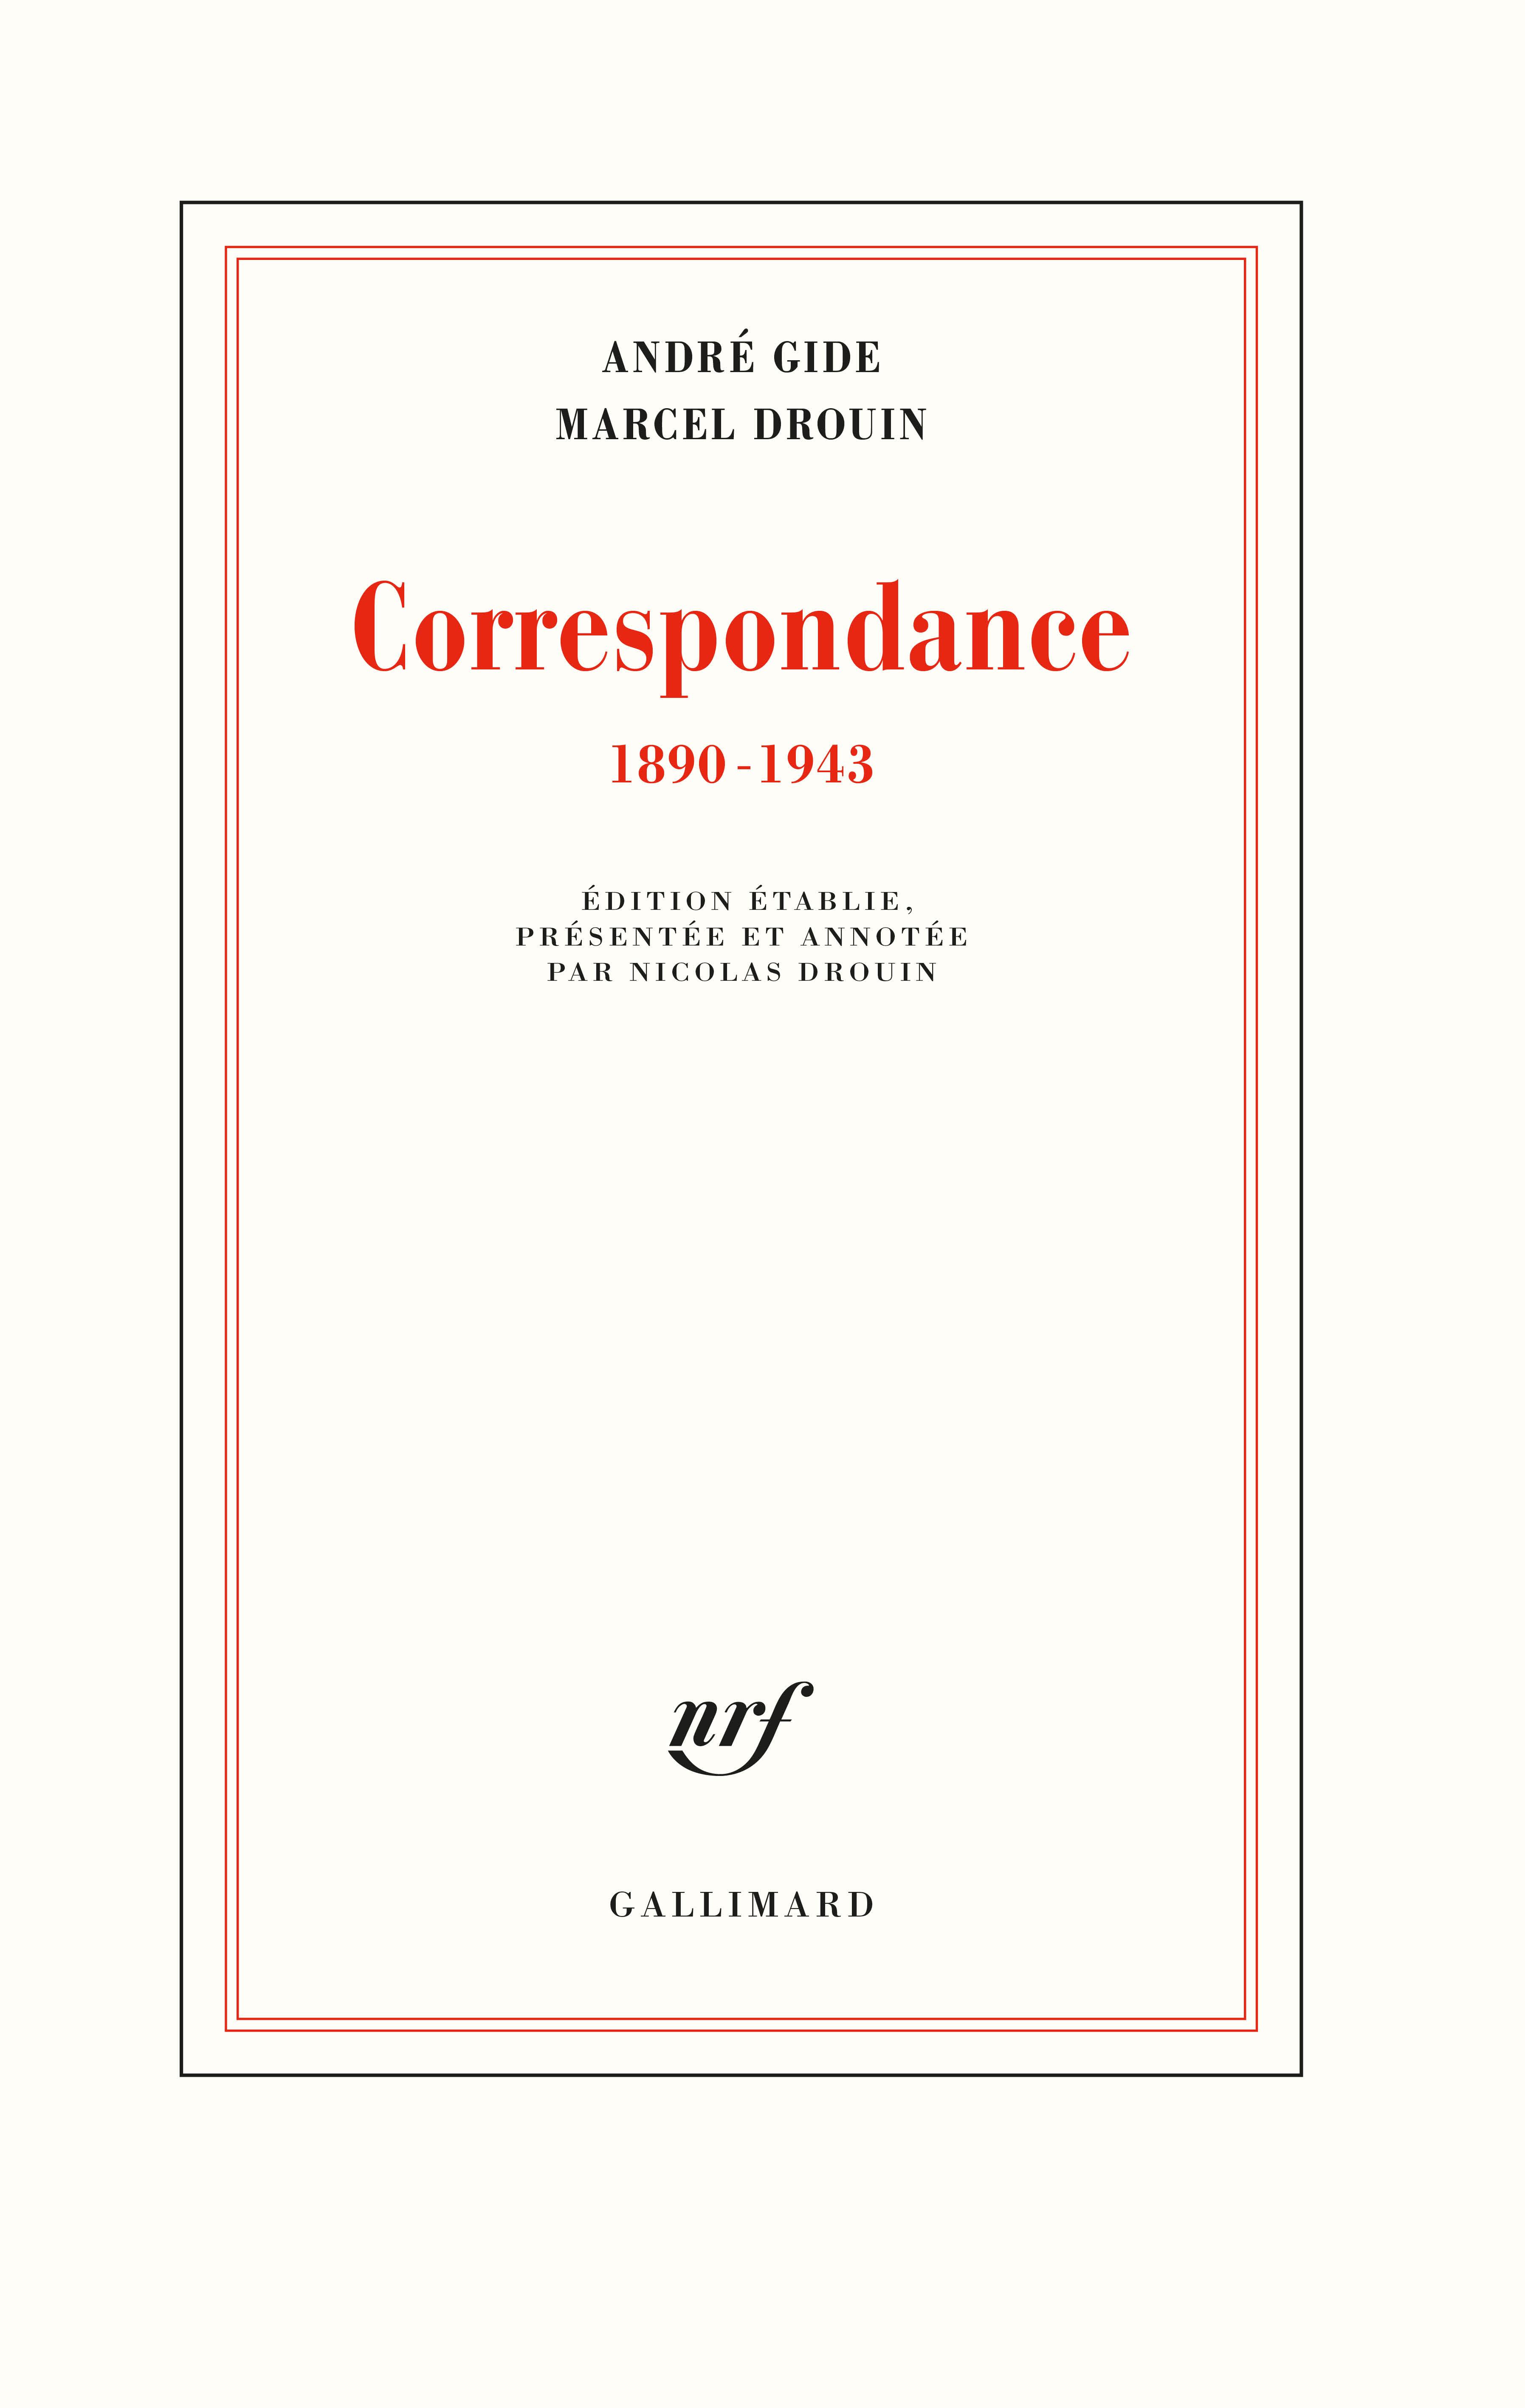 A. Gide – M. Drouin, Correspondance 1890 –1943